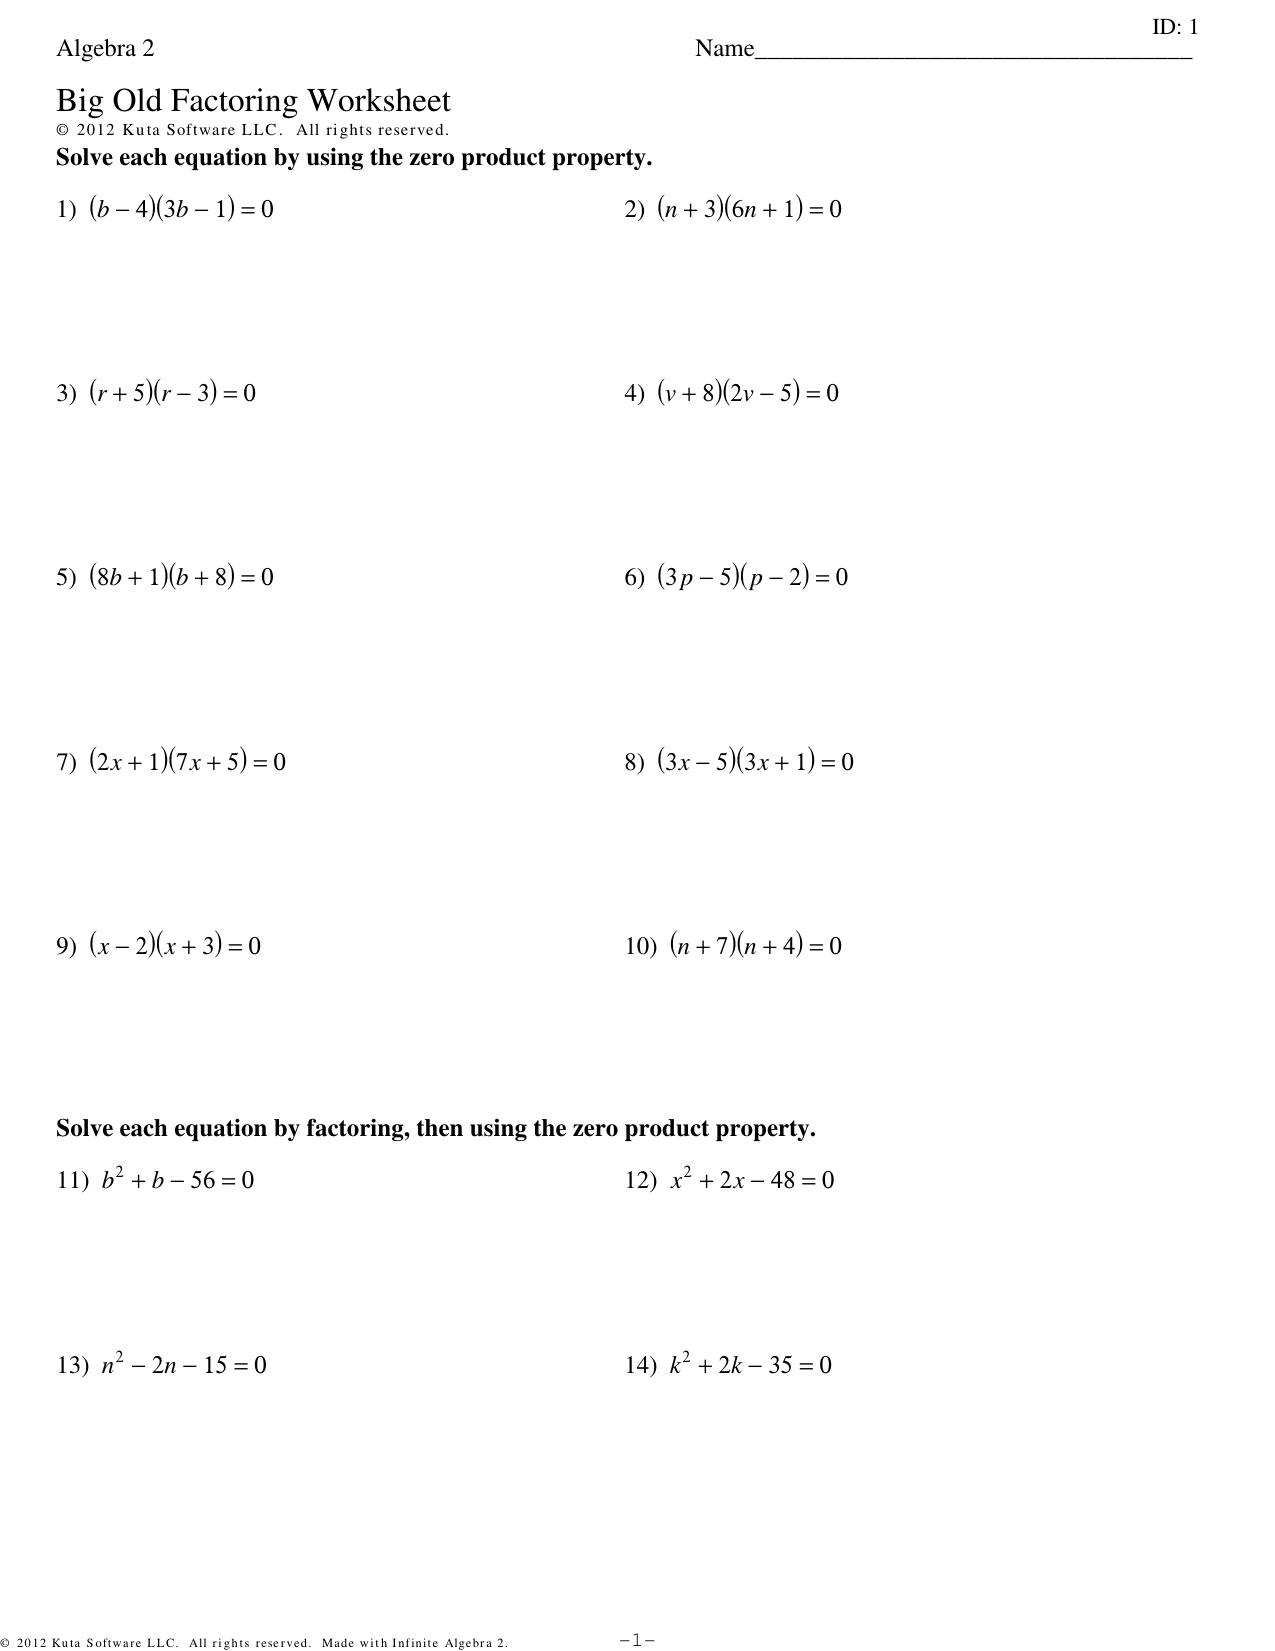 Algebra 2 Big Old Factoring Worksheet